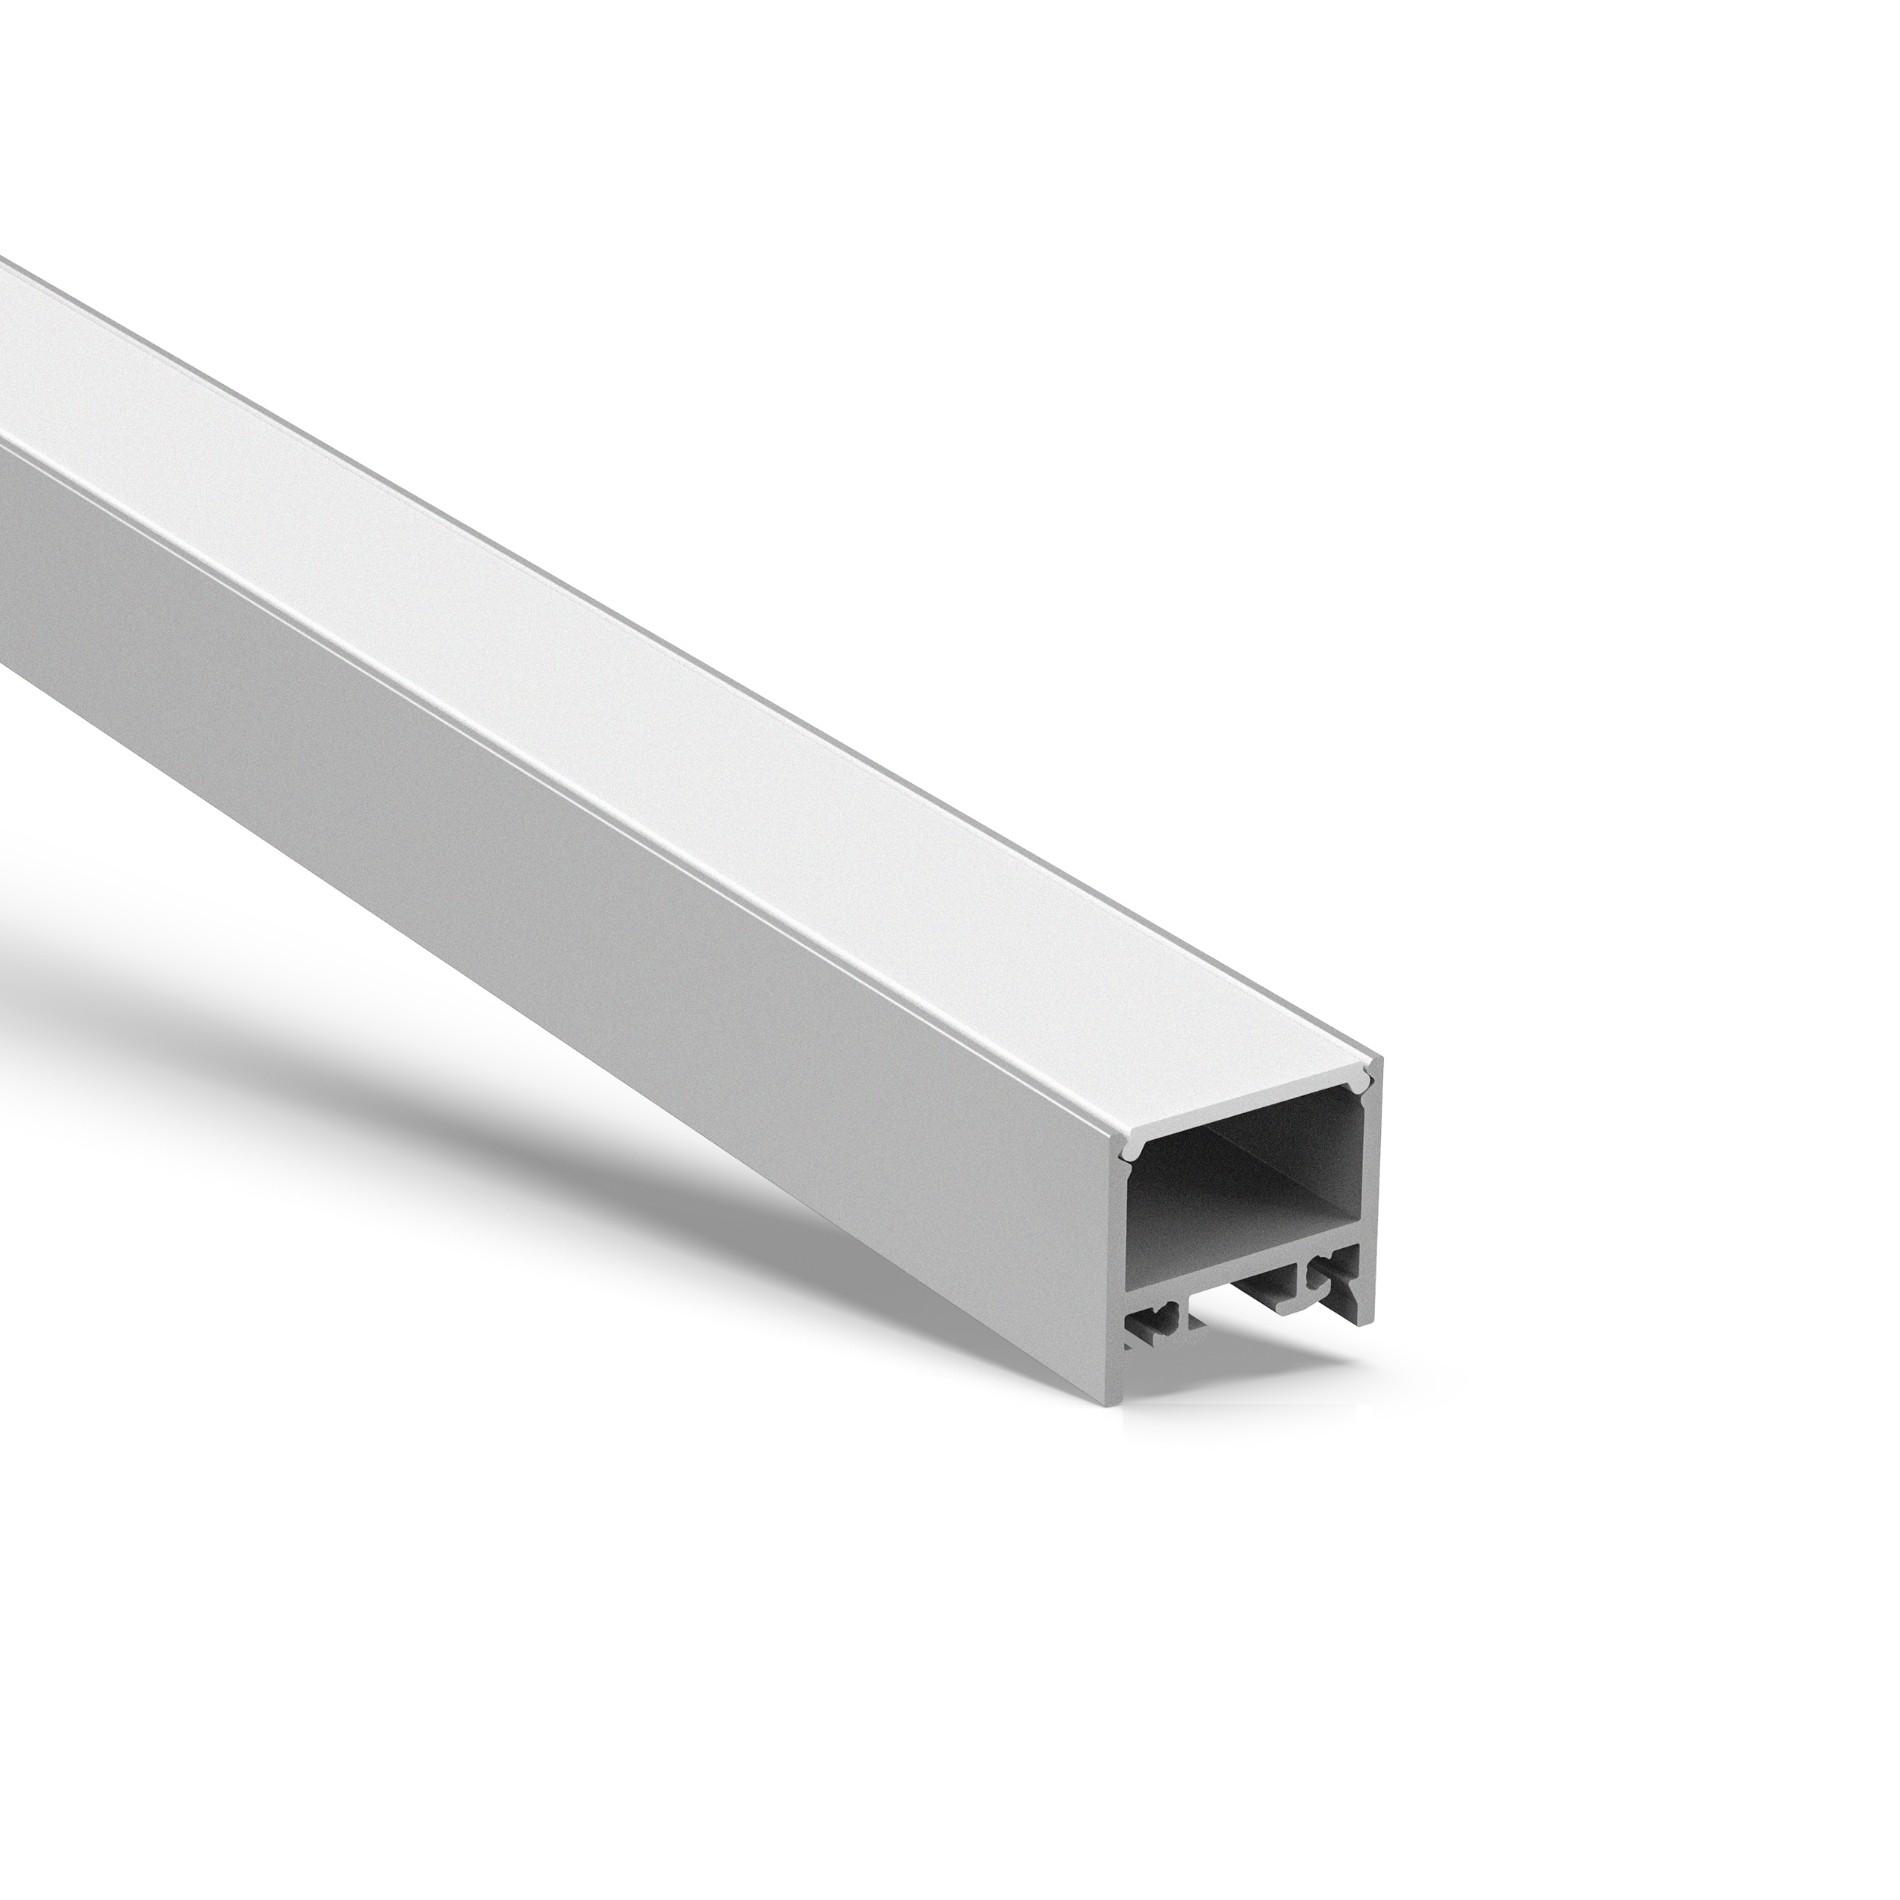 AT16-11 Perfil cuadrado cuadrado de superficie 19.5x17.35 mm